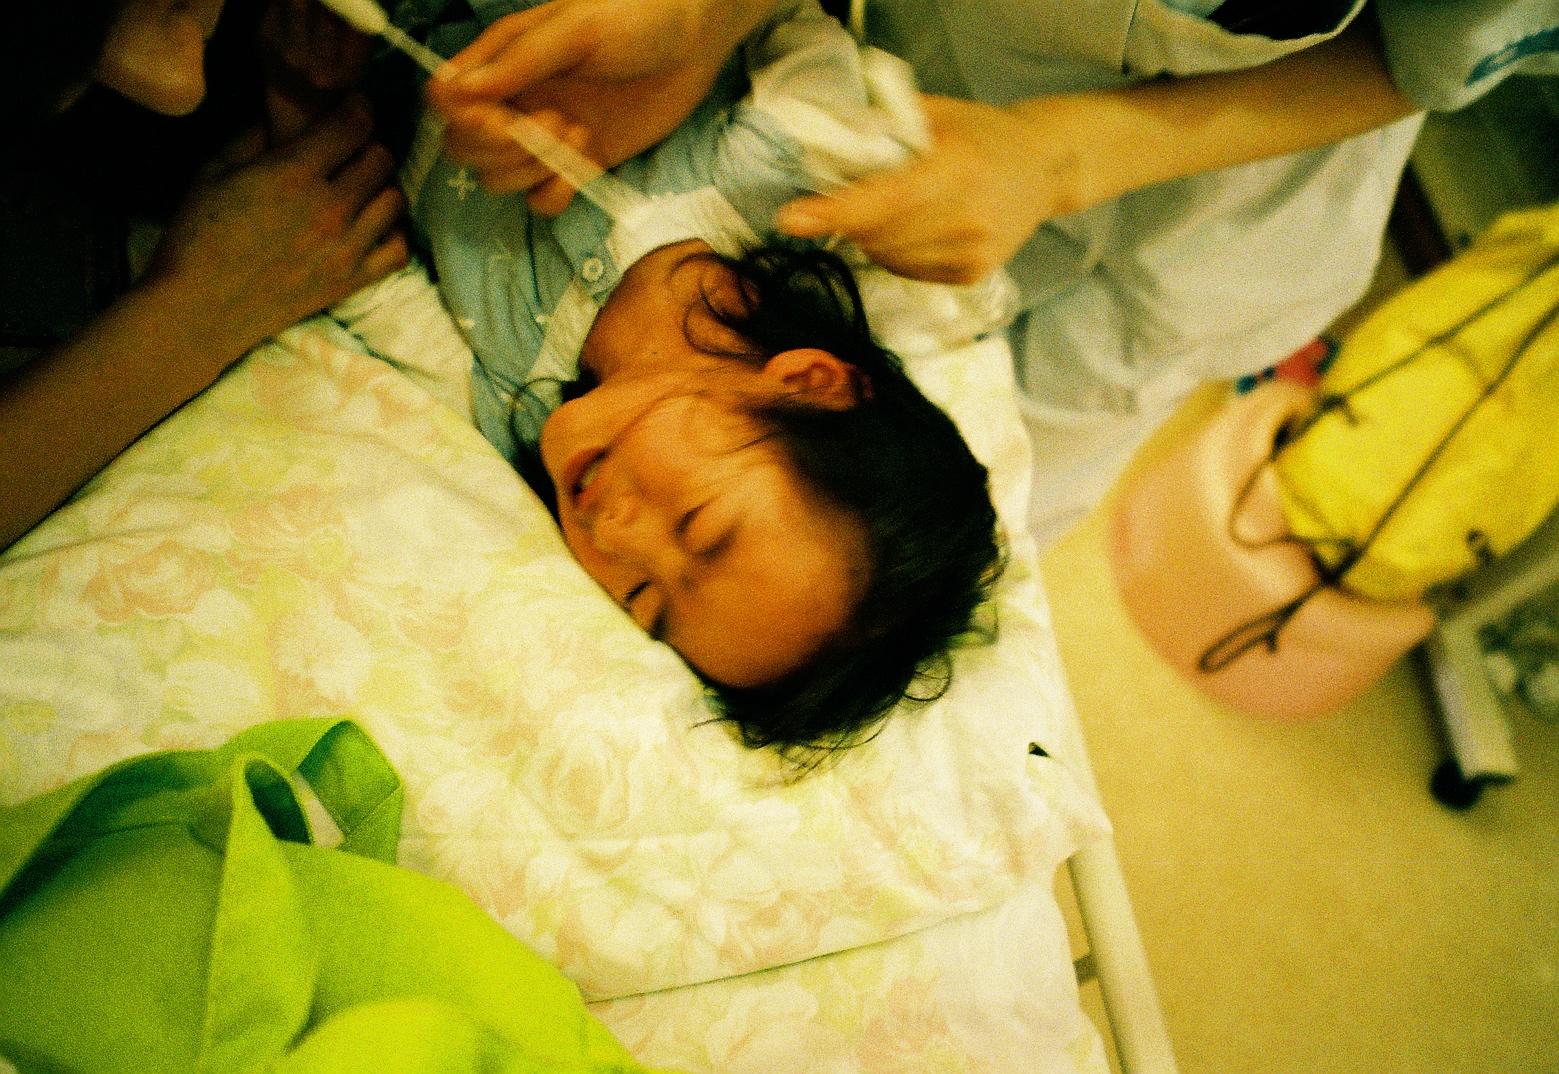 石川祐樹:自从你出生以后,爸爸我啊,什么都不需要了-菲林中文-独立胶片摄影门户!